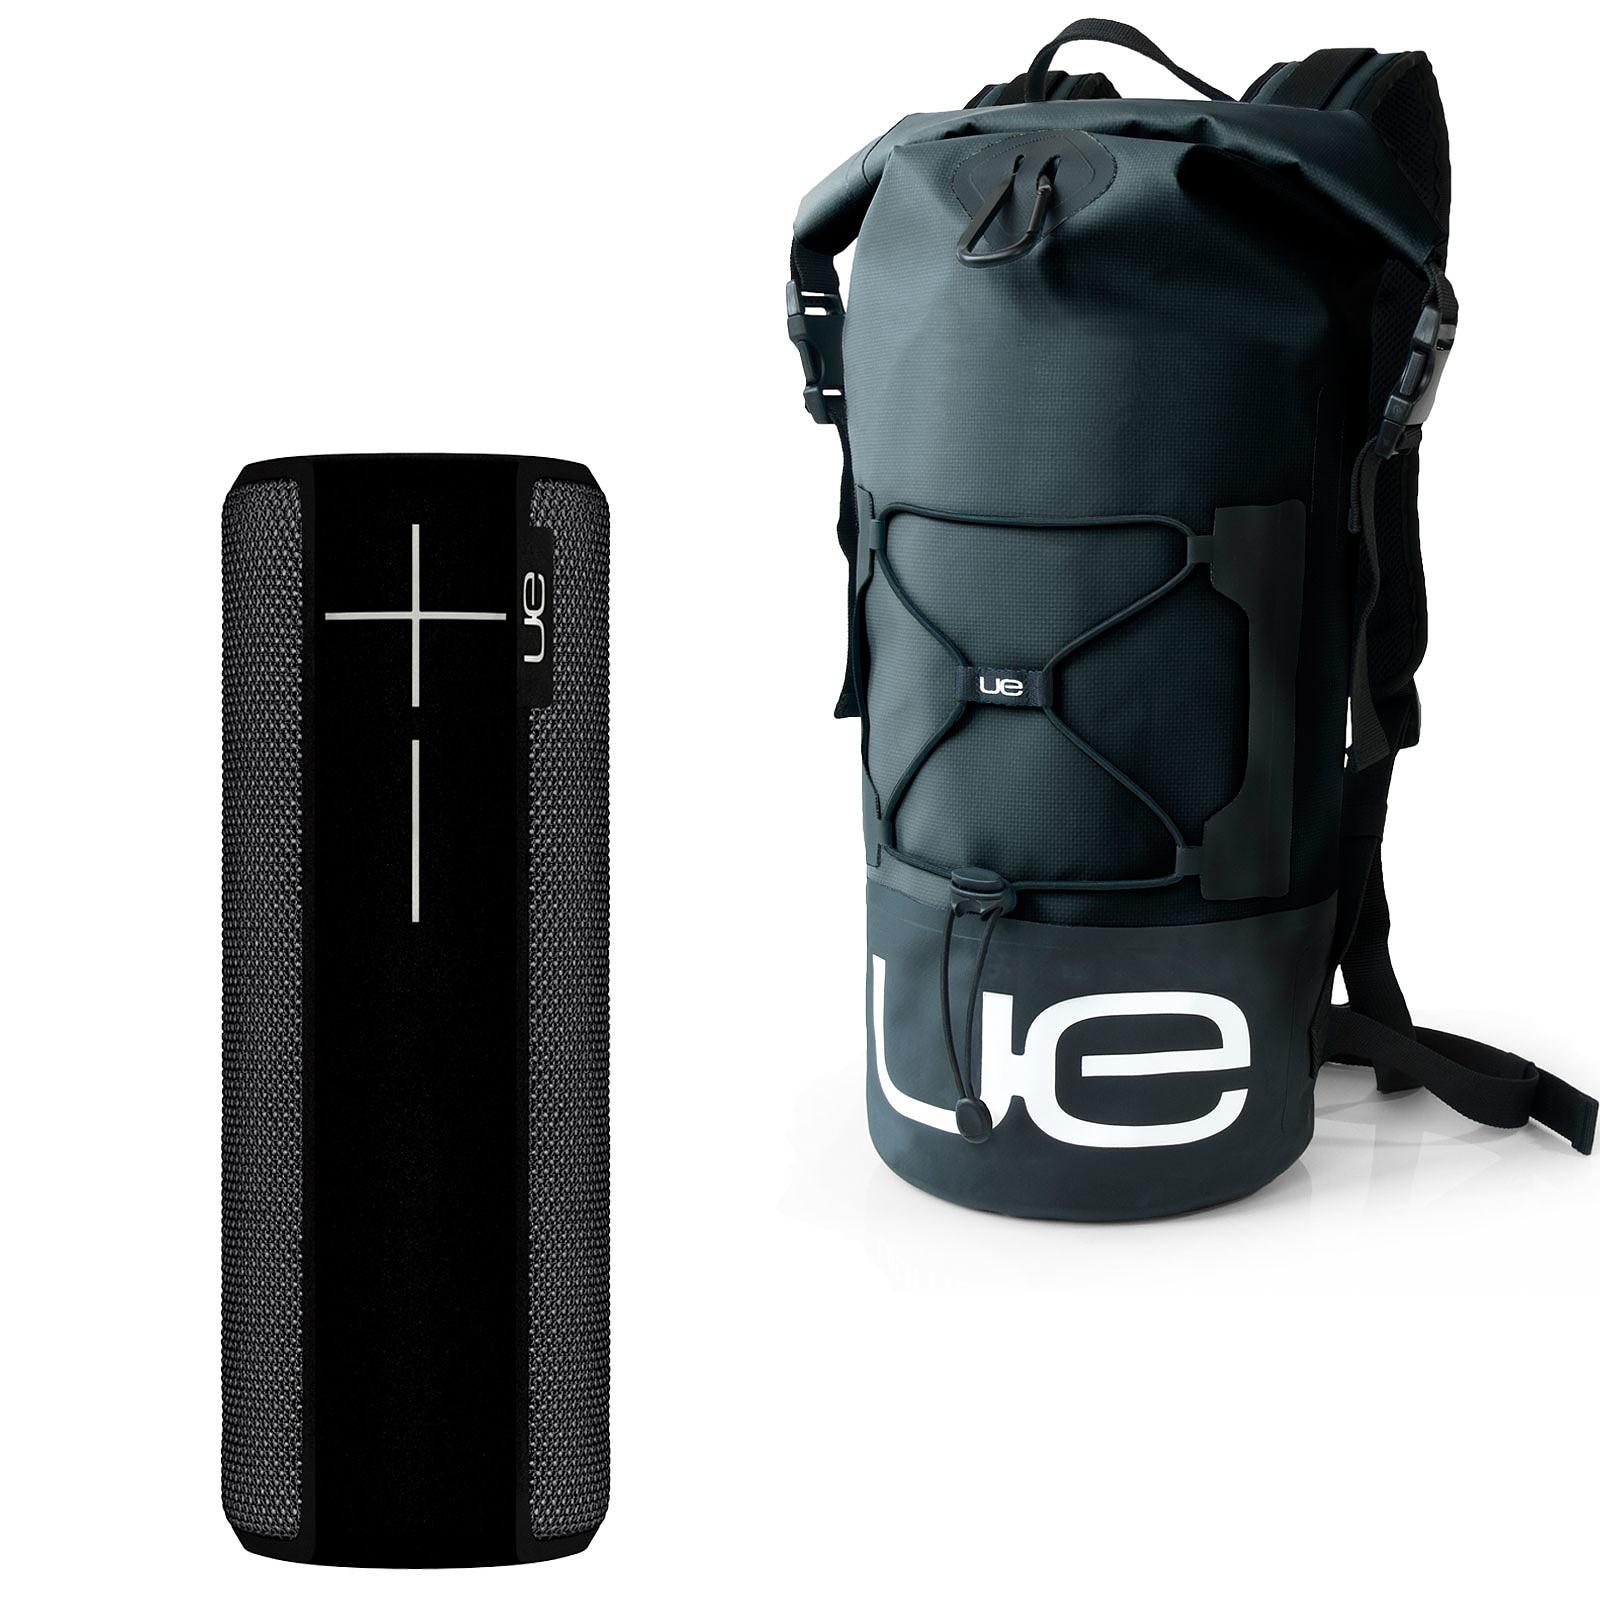 UE Boom 2 Noir + Backpack Waterproof OFFERT !